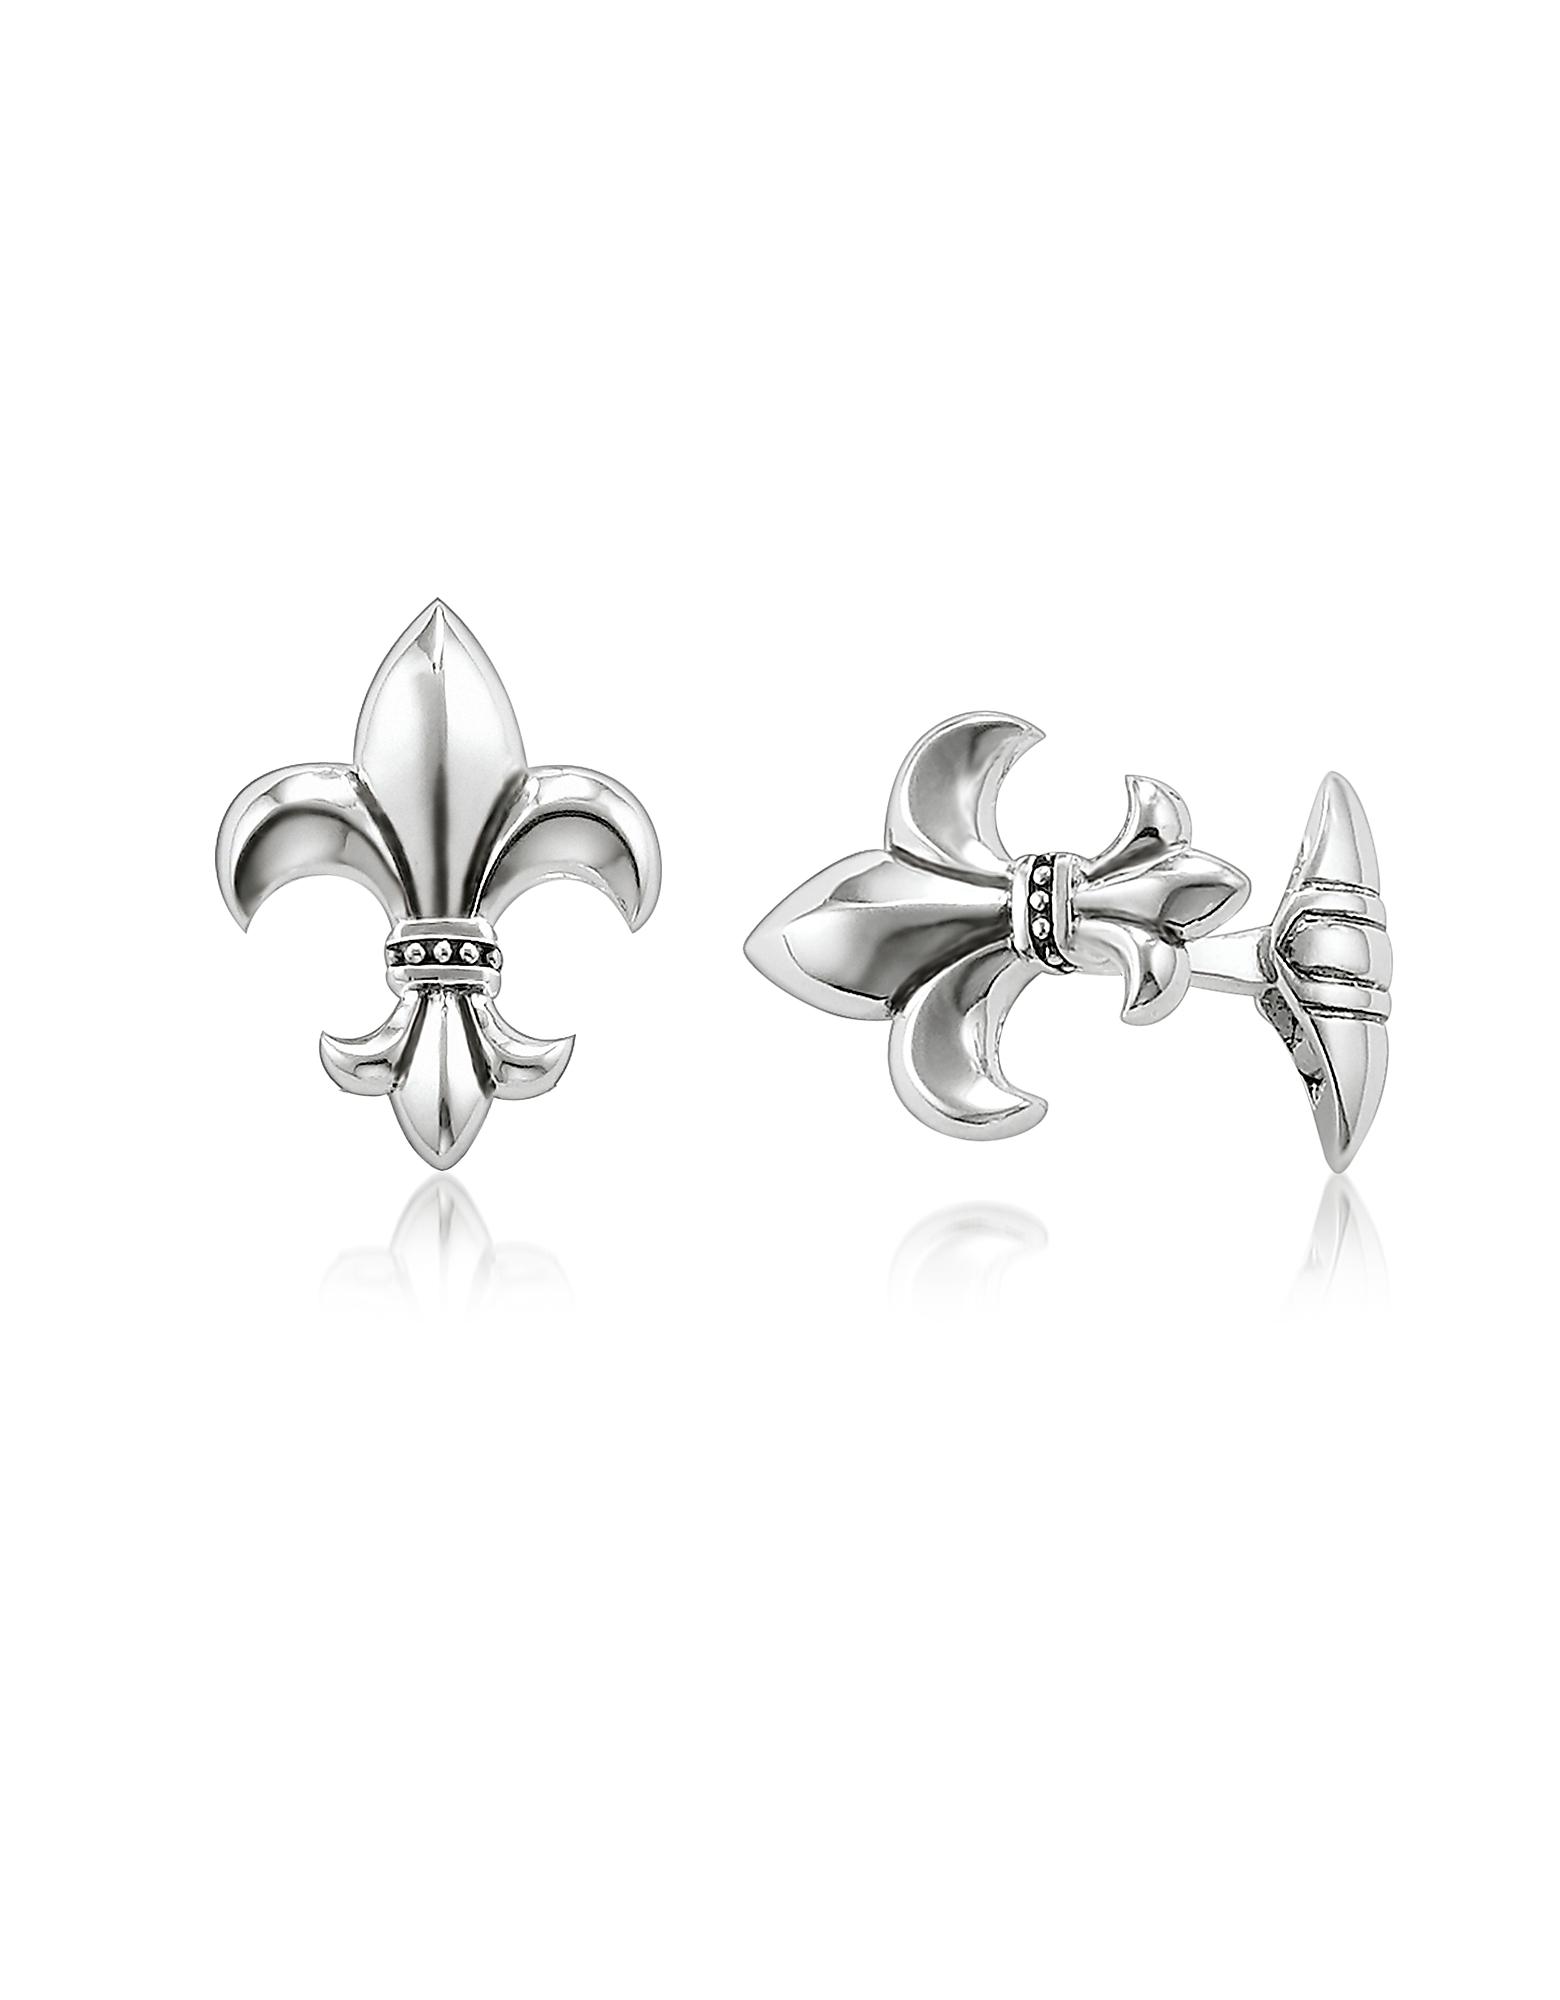 Blackened Sterling silver Fleur-de-lis Cufflinks